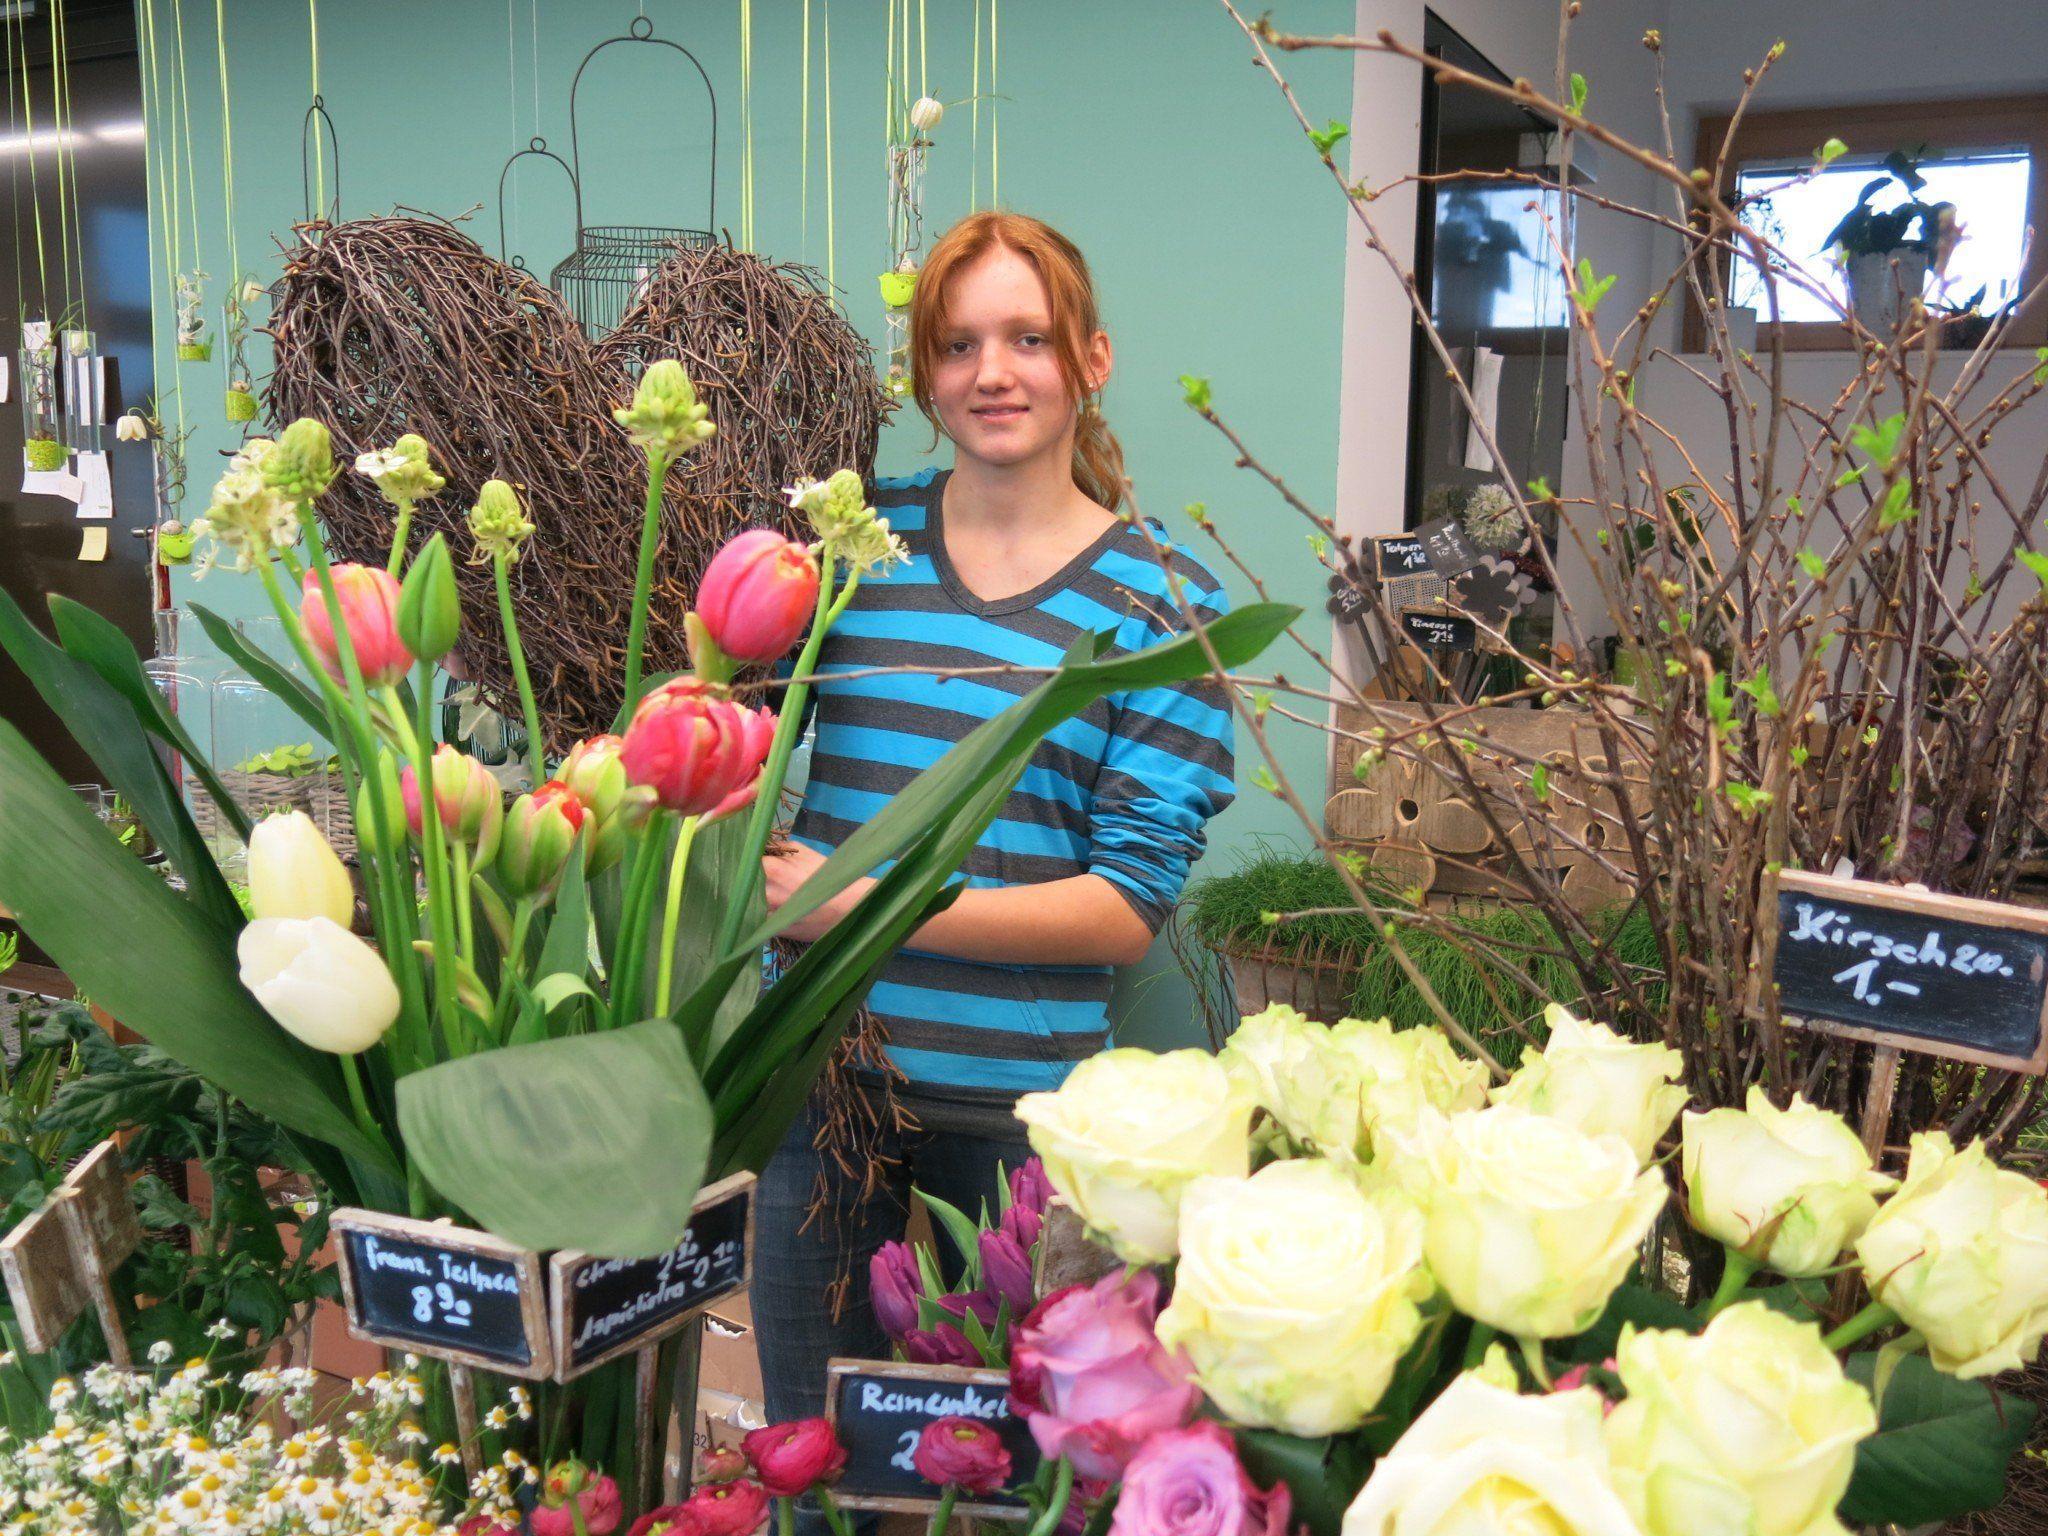 Lena Stecher lebt ihre Kreativität im Lehrberuf der Floristin aus.